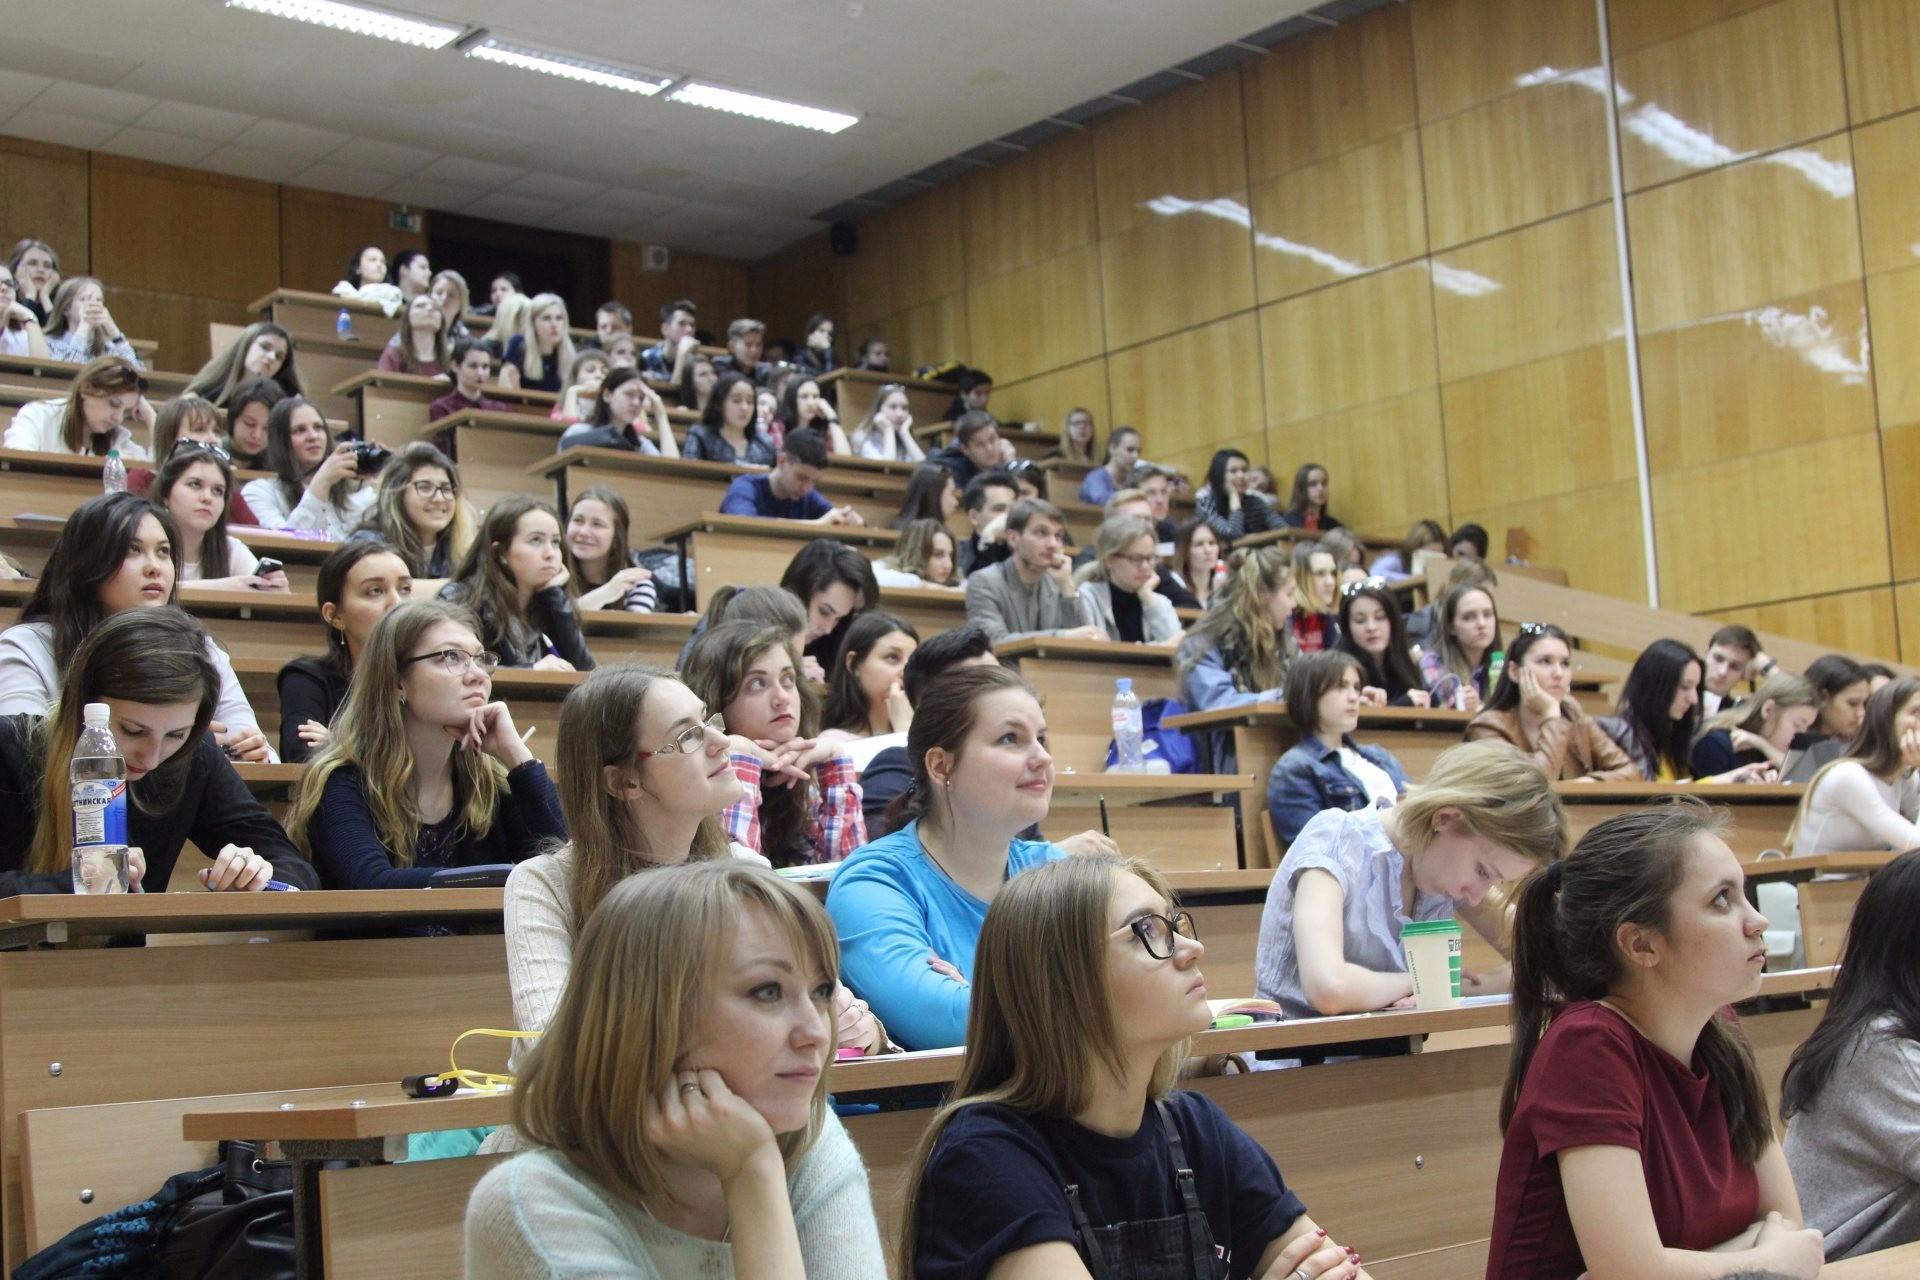 Студентка по обмену, Русская студентка по обмену опытом трахается 20 фотография